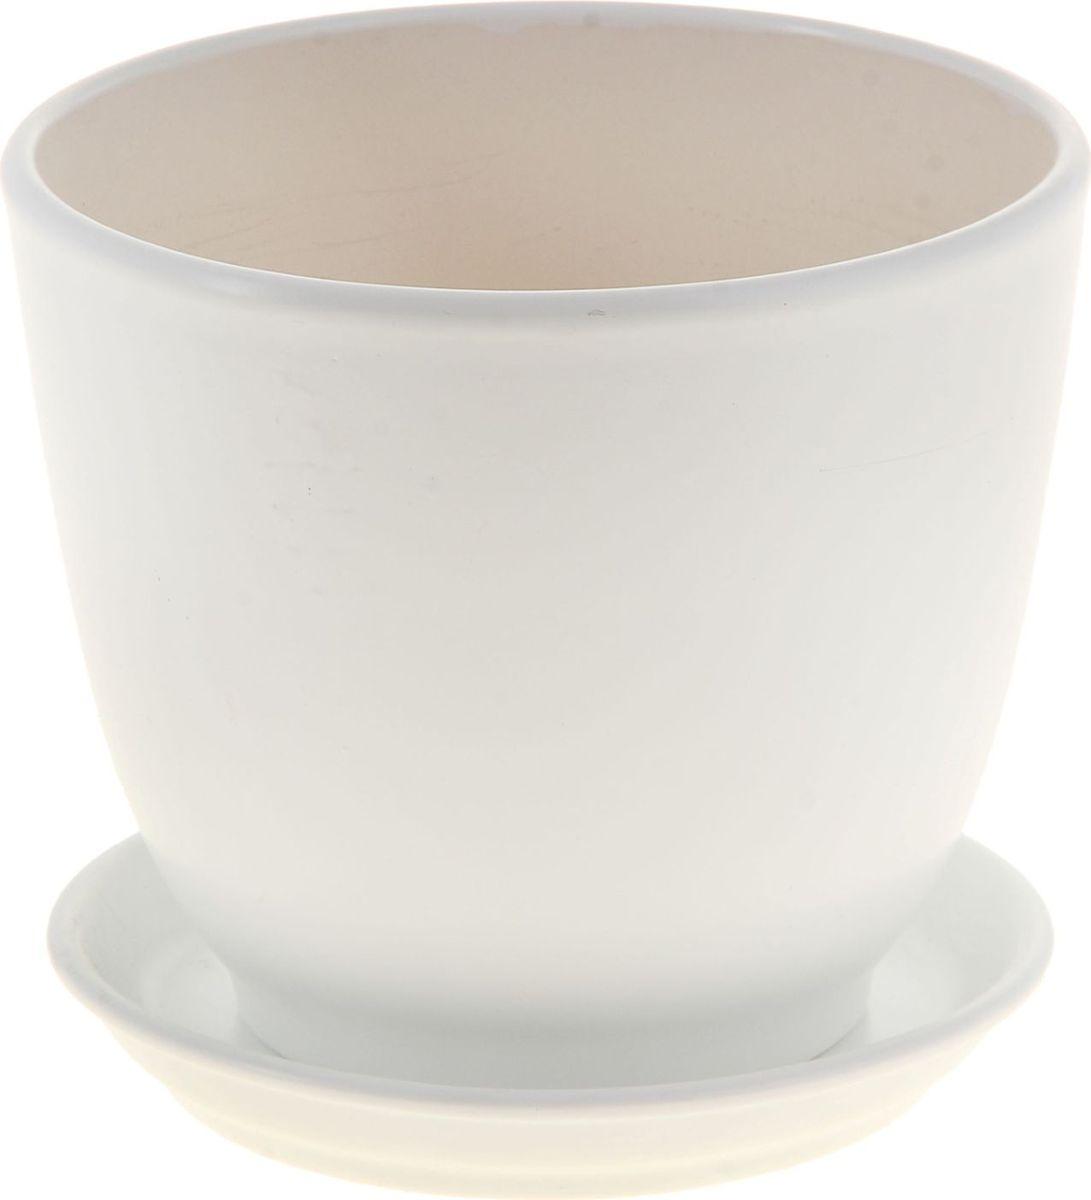 Кашпо Керамика ручной работы Кедр. Глянец, цвет: белый, 2,2 л